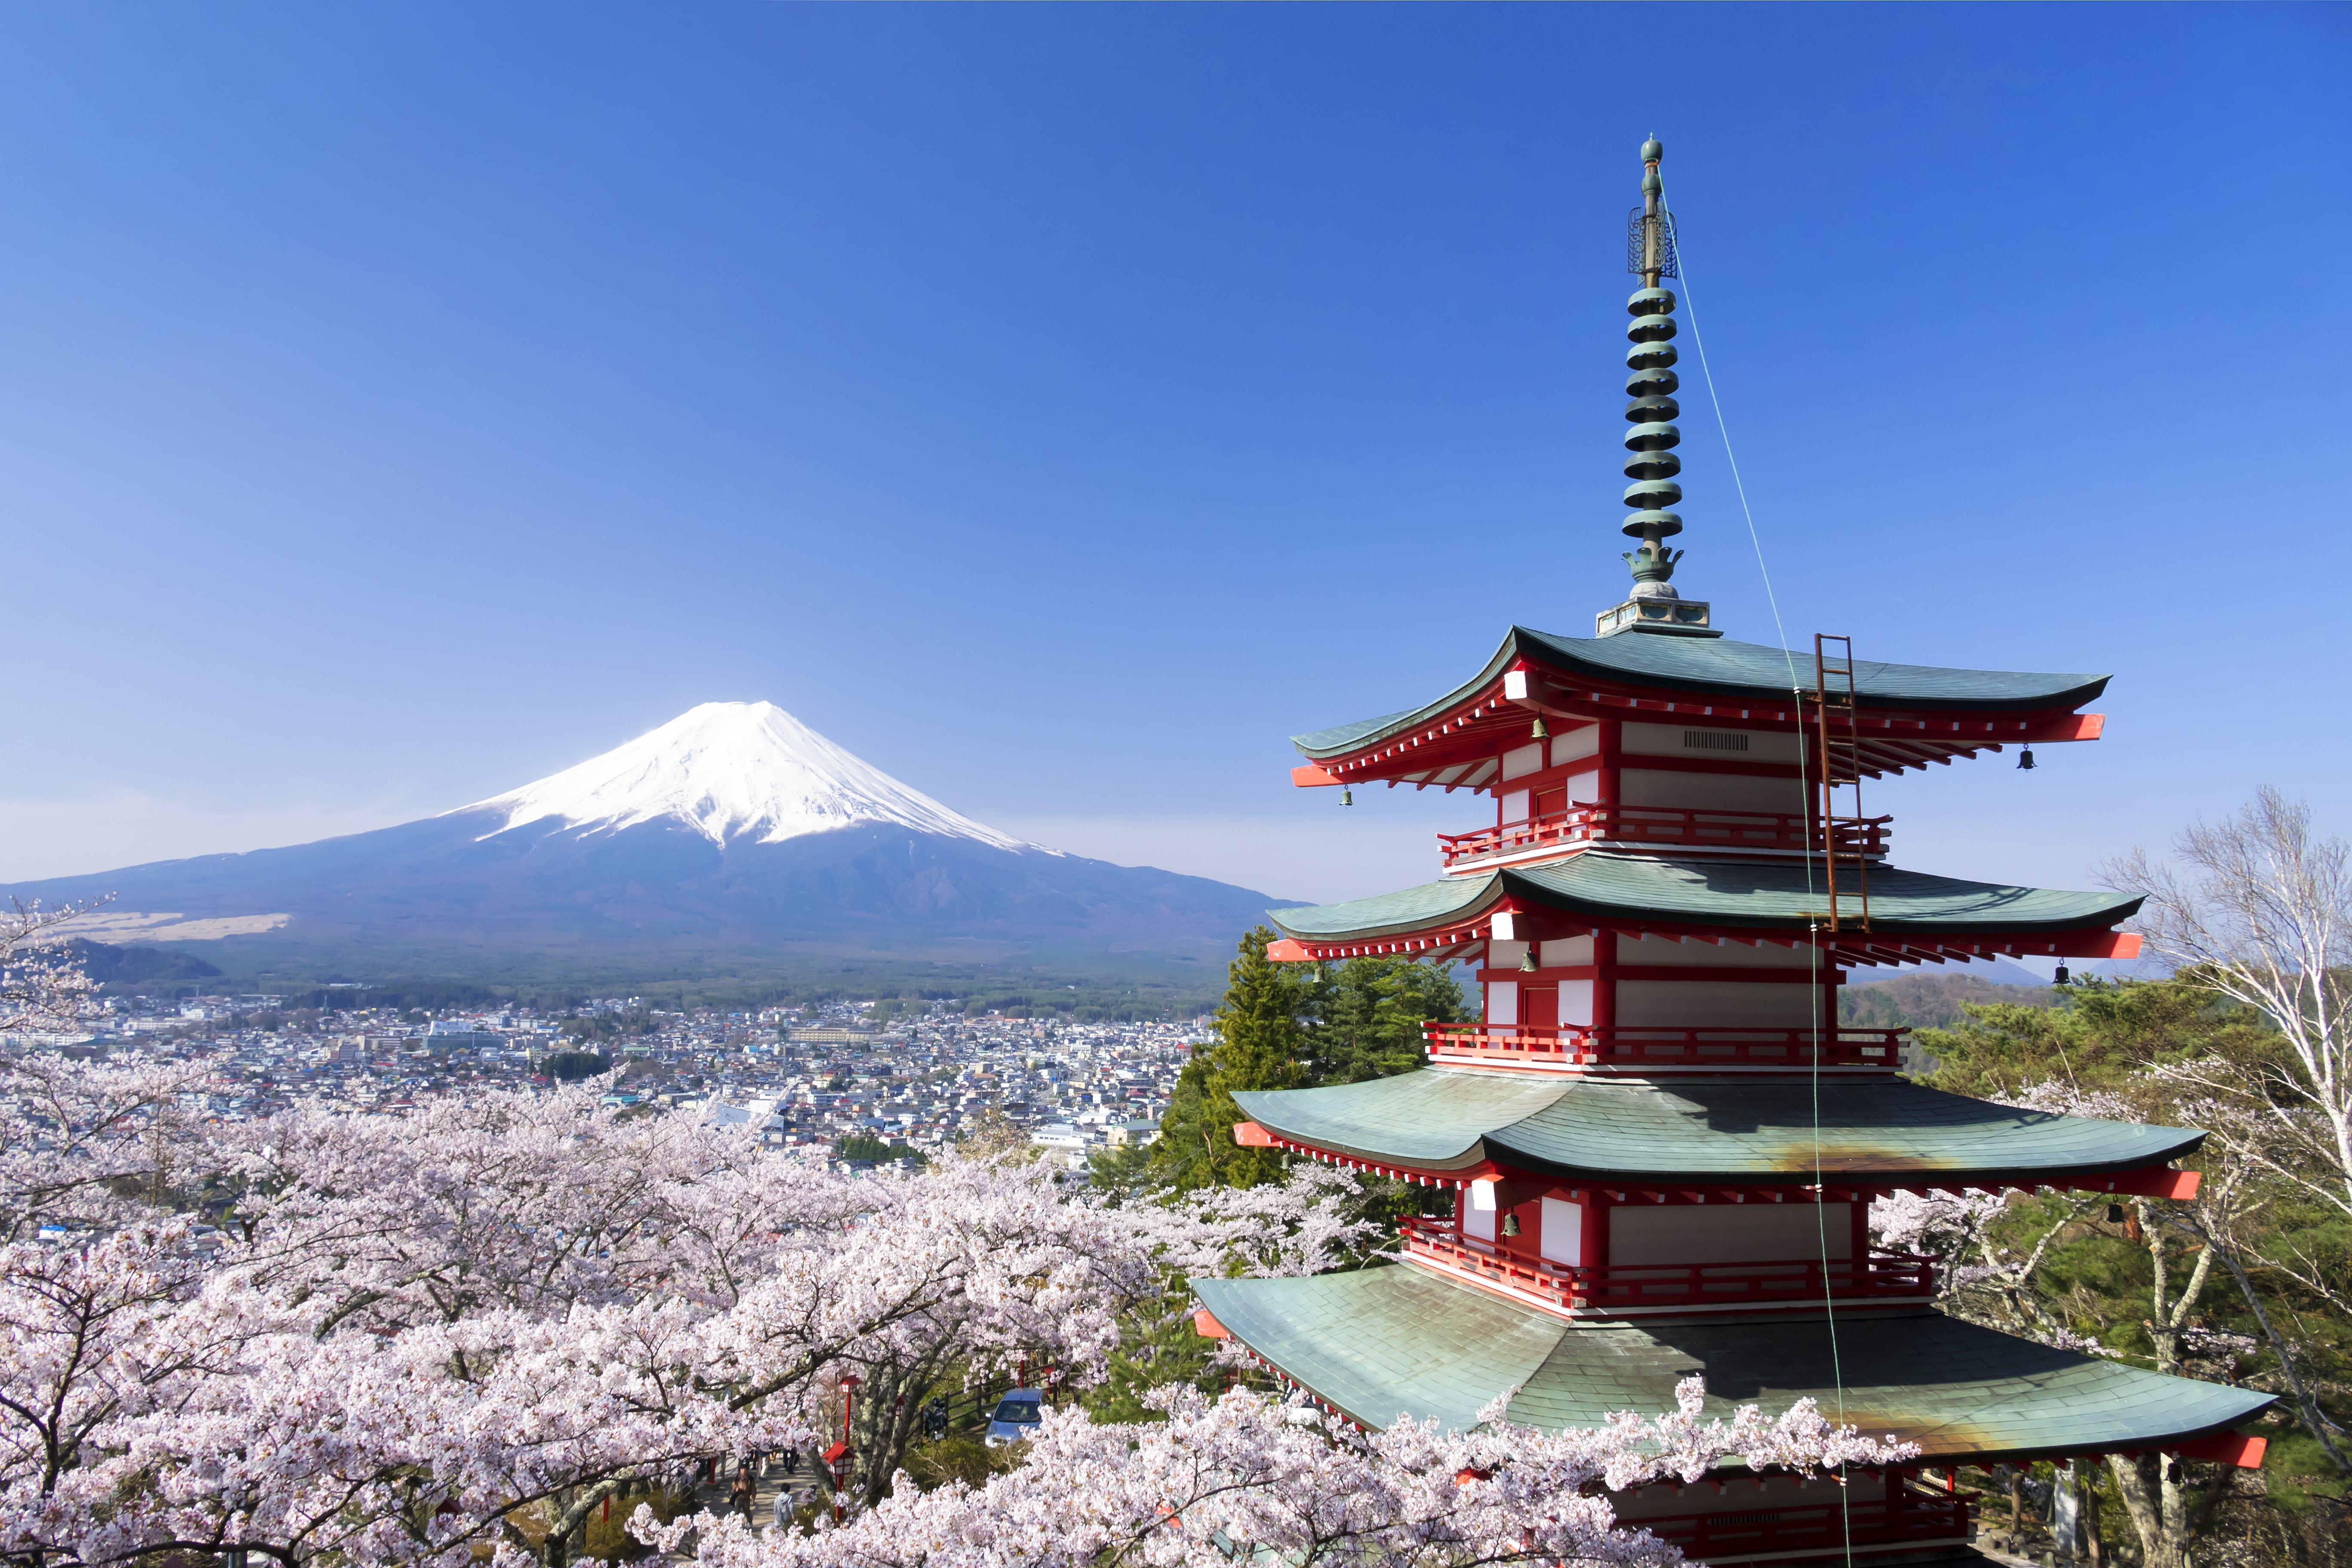 日本文化の特徴とは?独特の自然観や西洋文化との違いを解説 ...